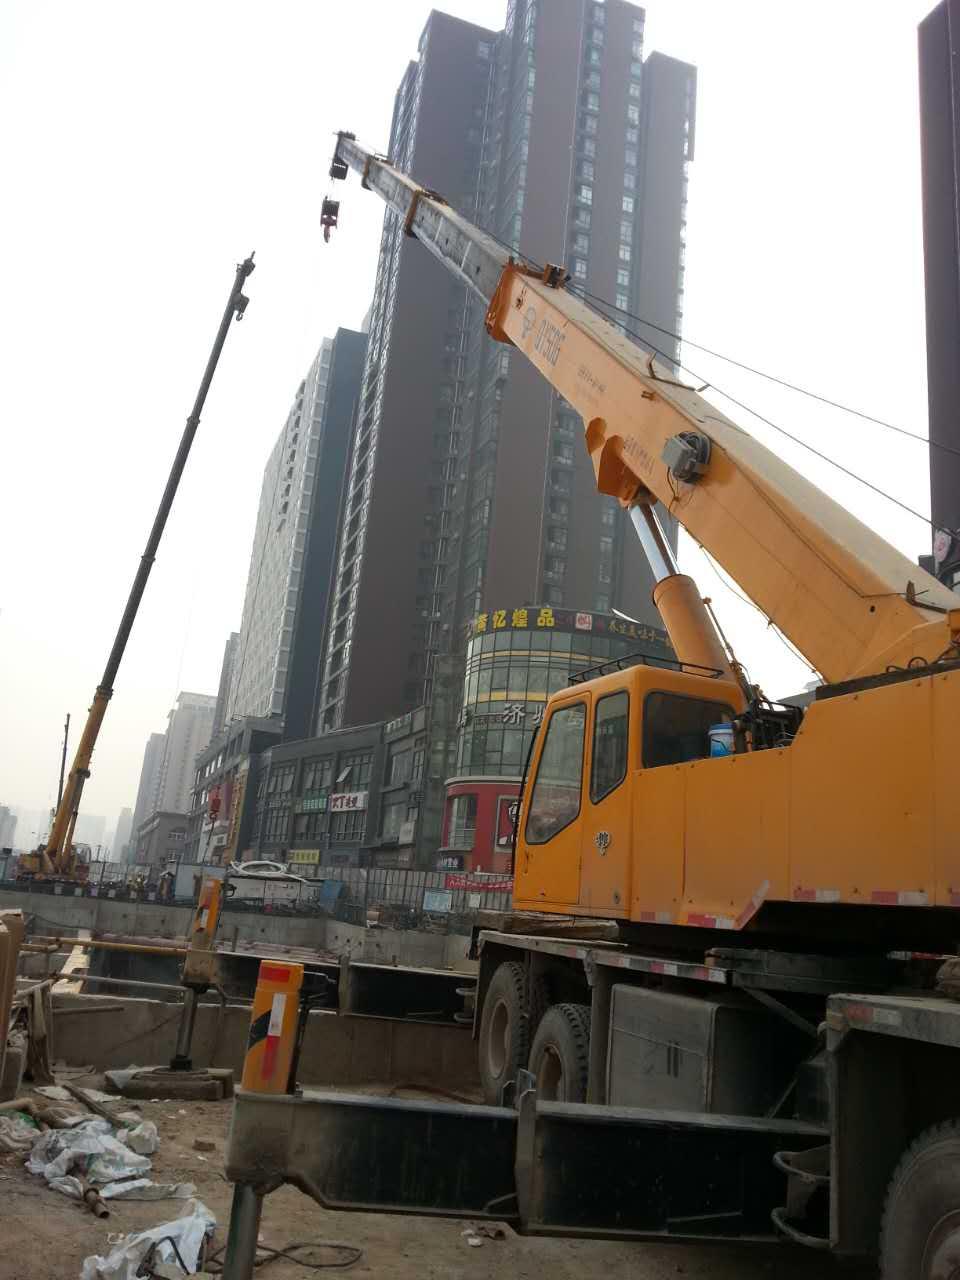 西安地铁吊装永安吊装进行西安地铁吊装施工